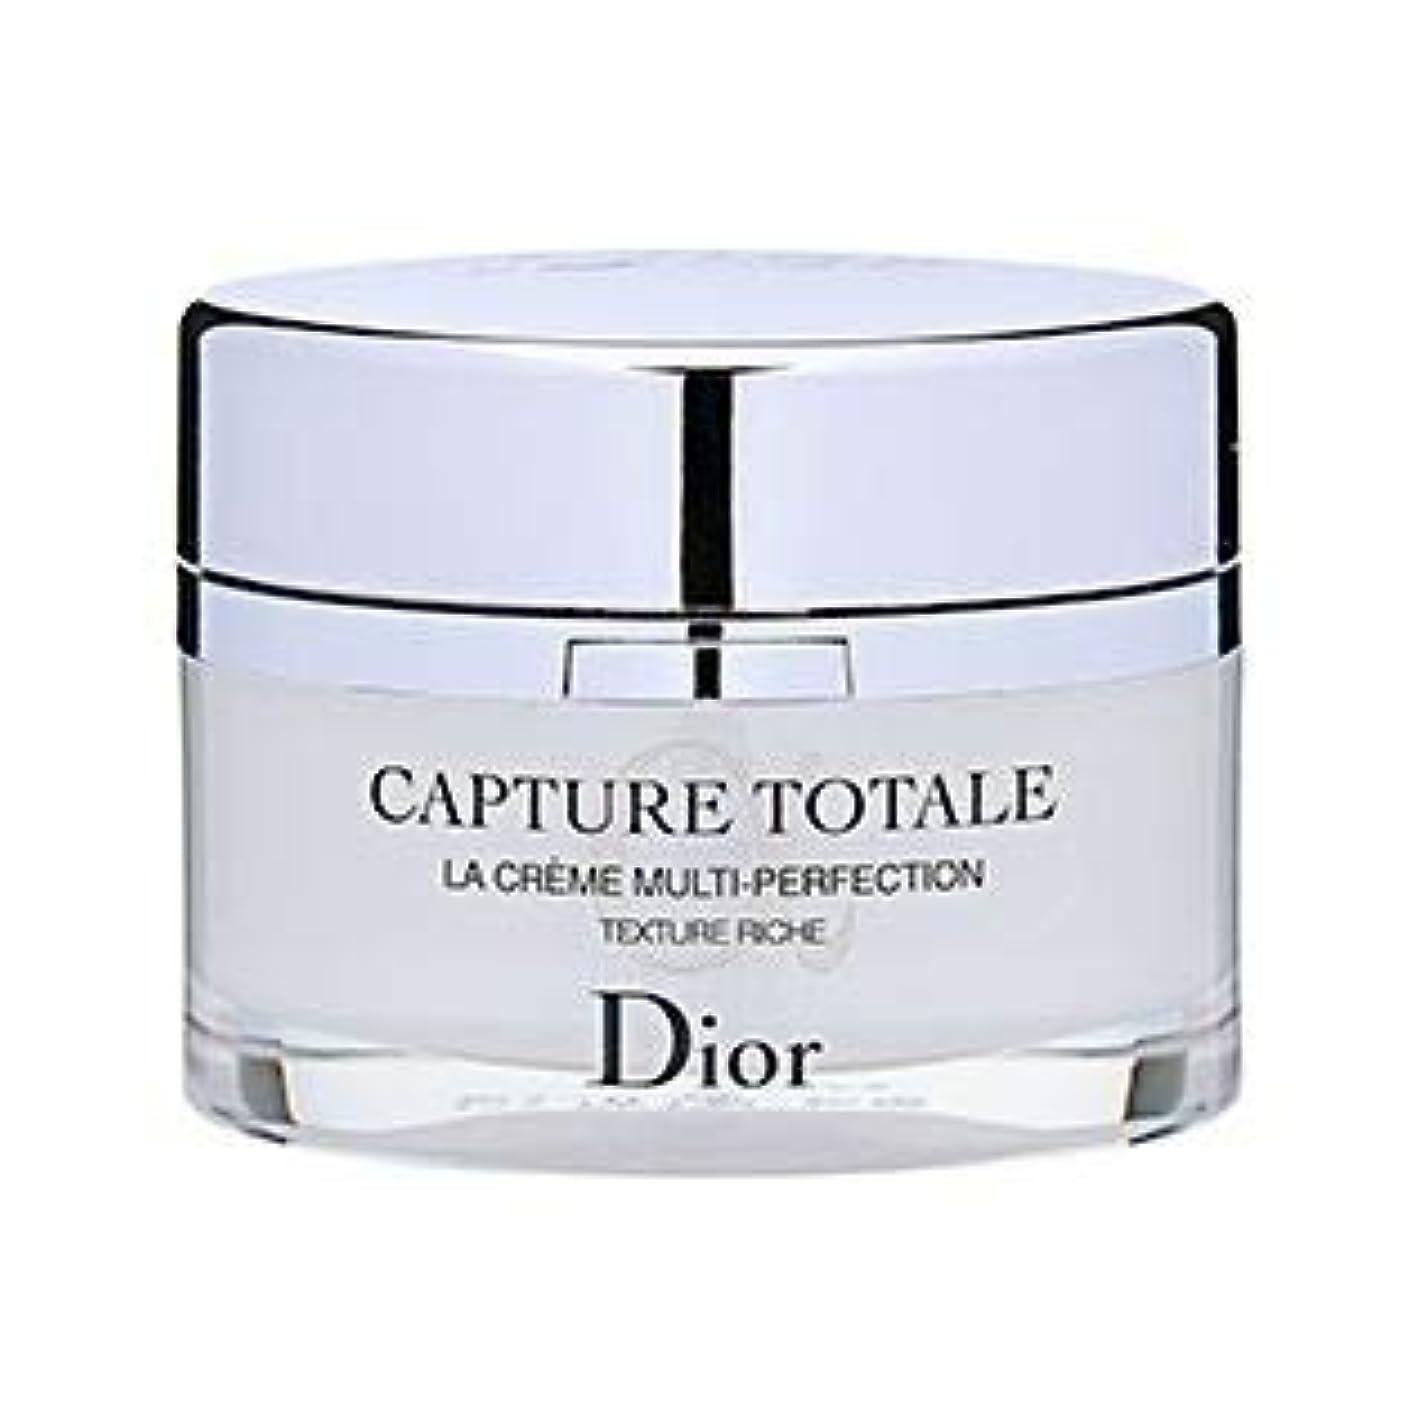 ダイヤモンド高音支配するディオール(Dior) カプチュール トータル リッチ クリーム [並行輸入品]